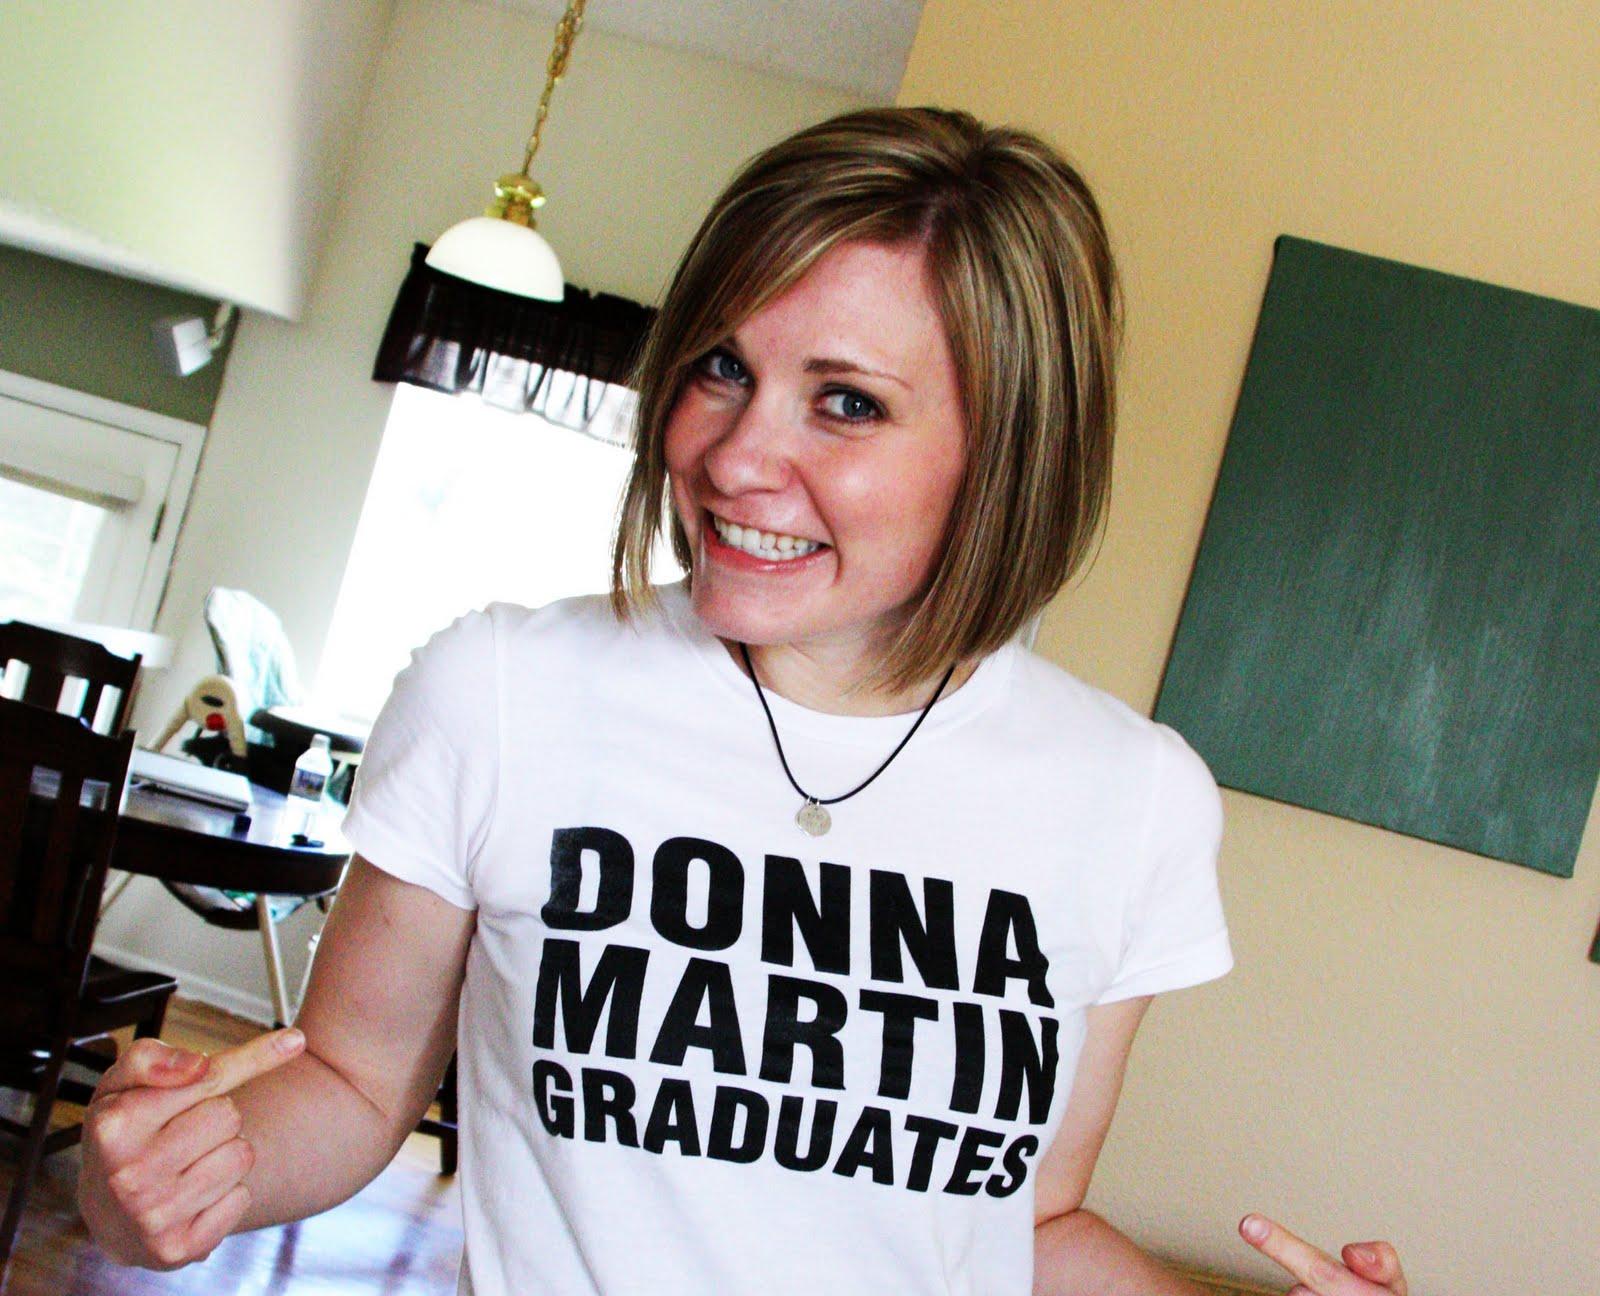 martin photos facebook news amp blogs for free at social kat martin